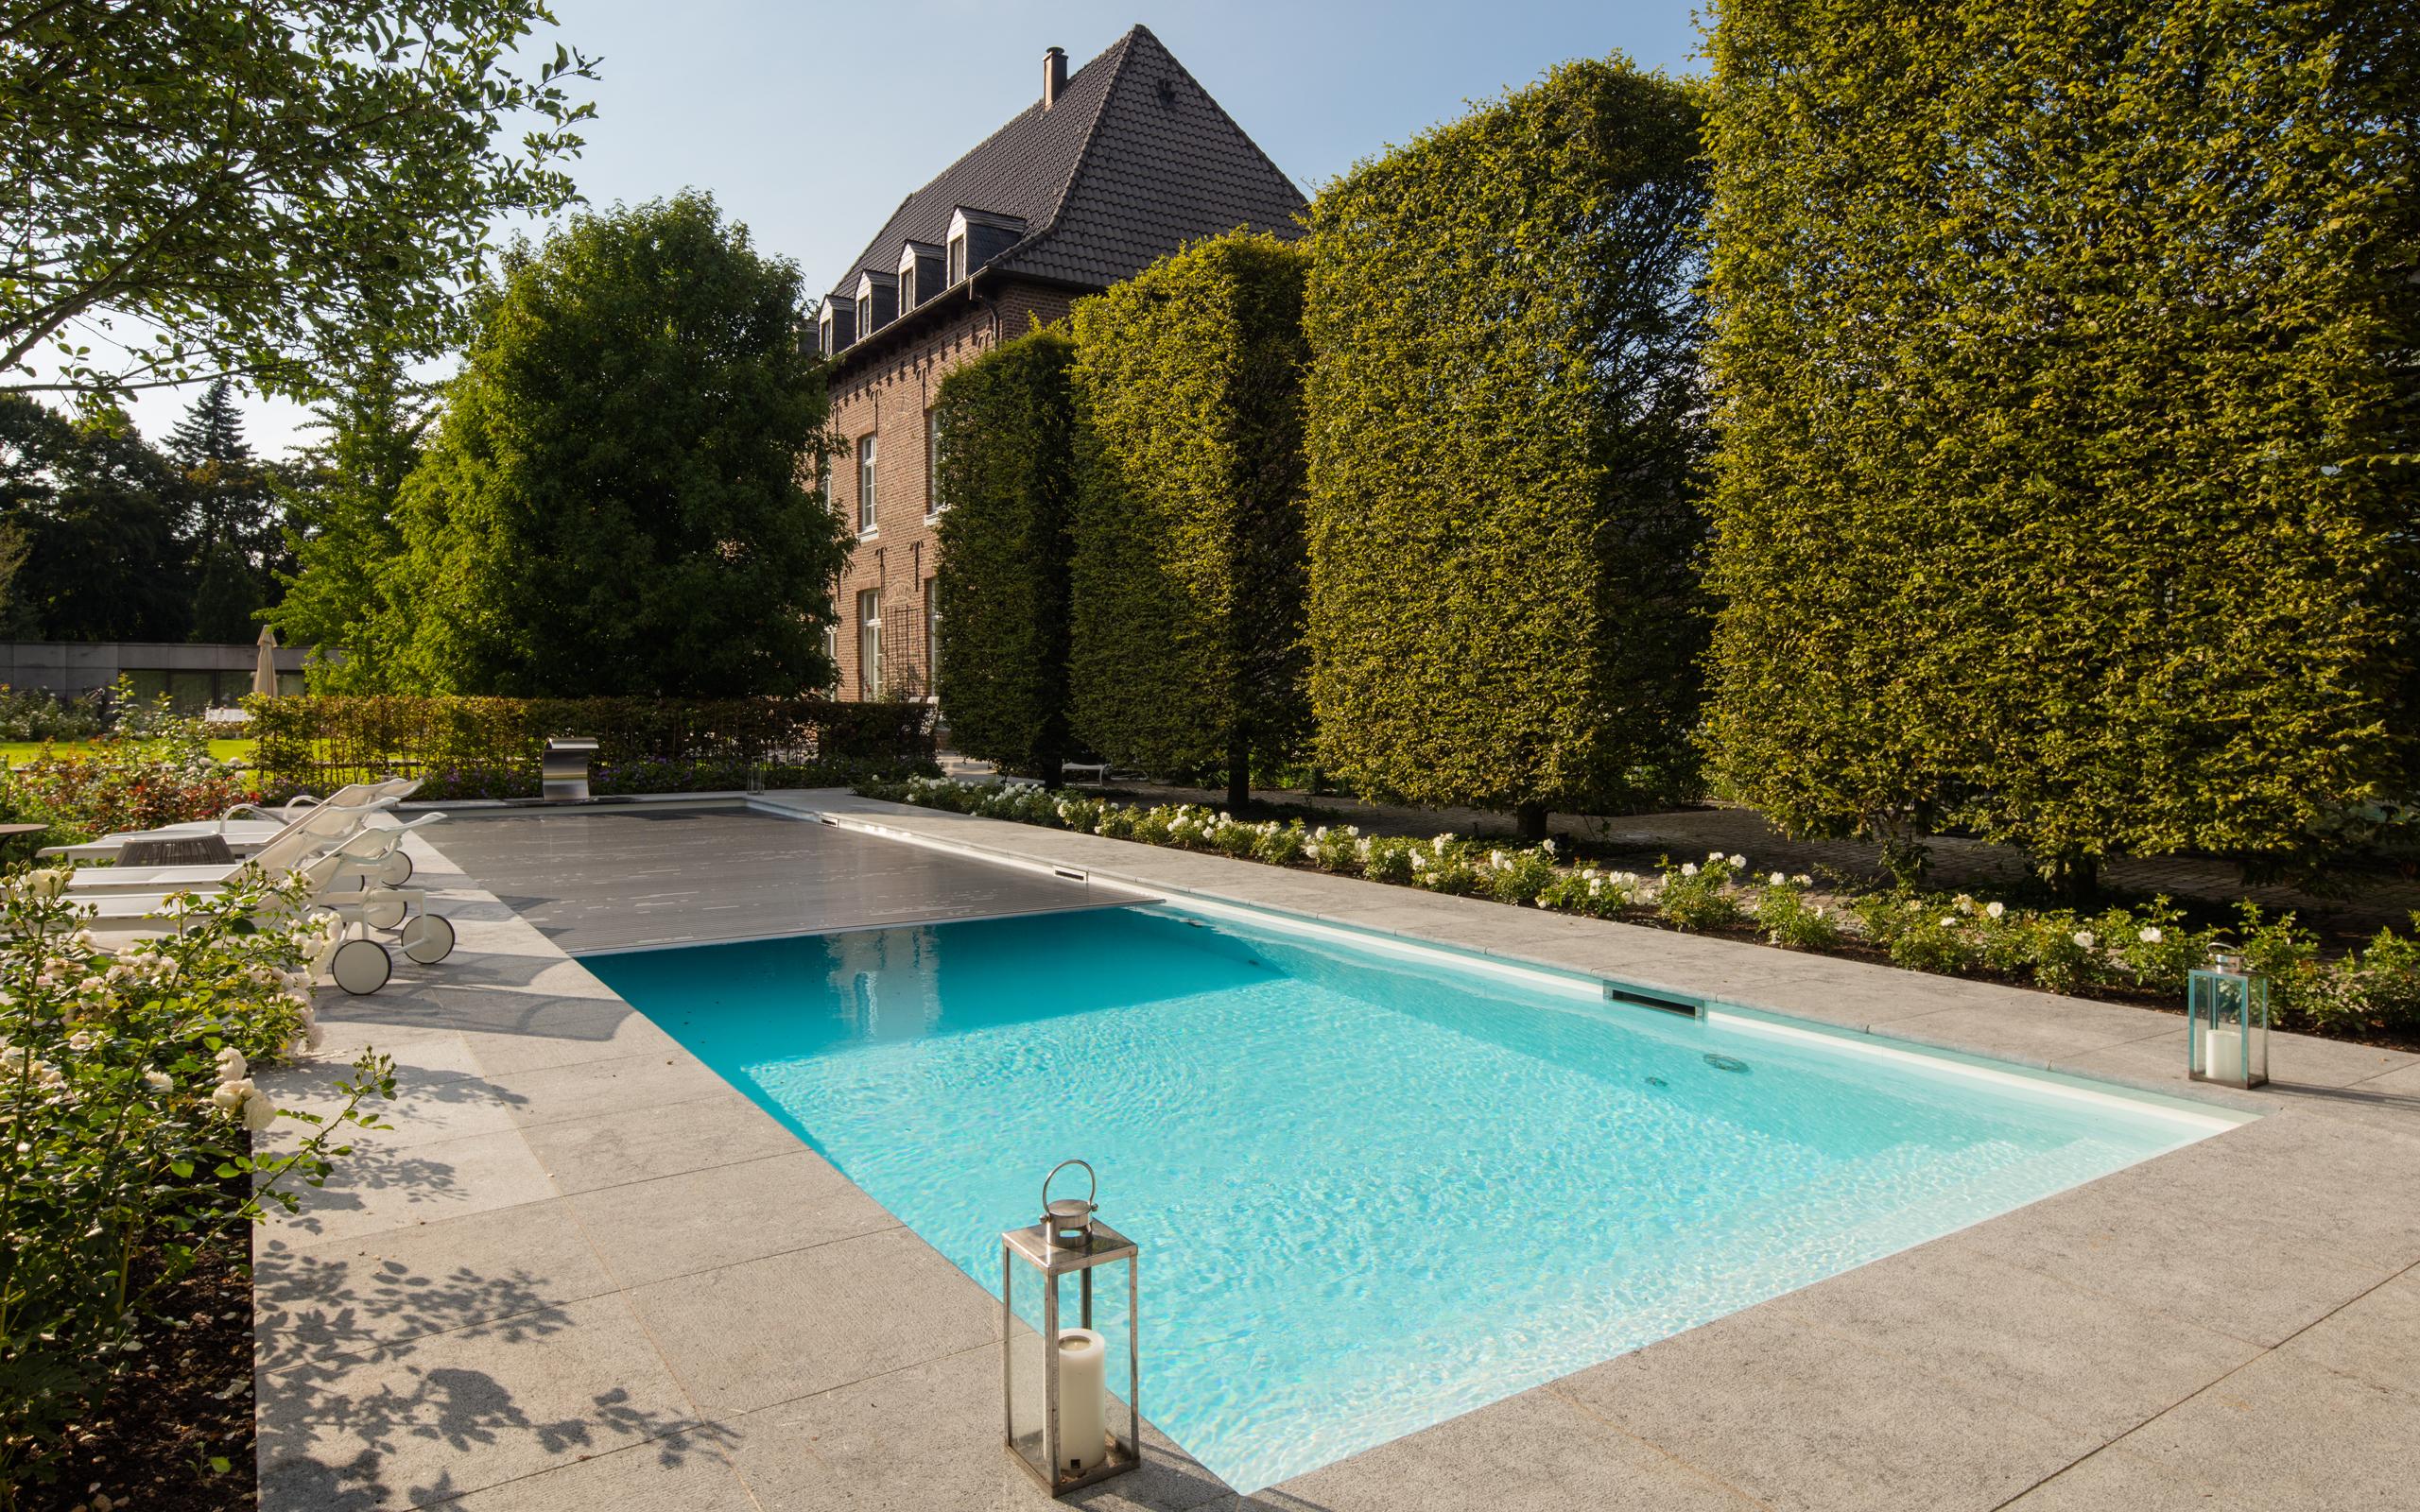 Konsequent Geometrische Formen Pool Und Pool Haus Als